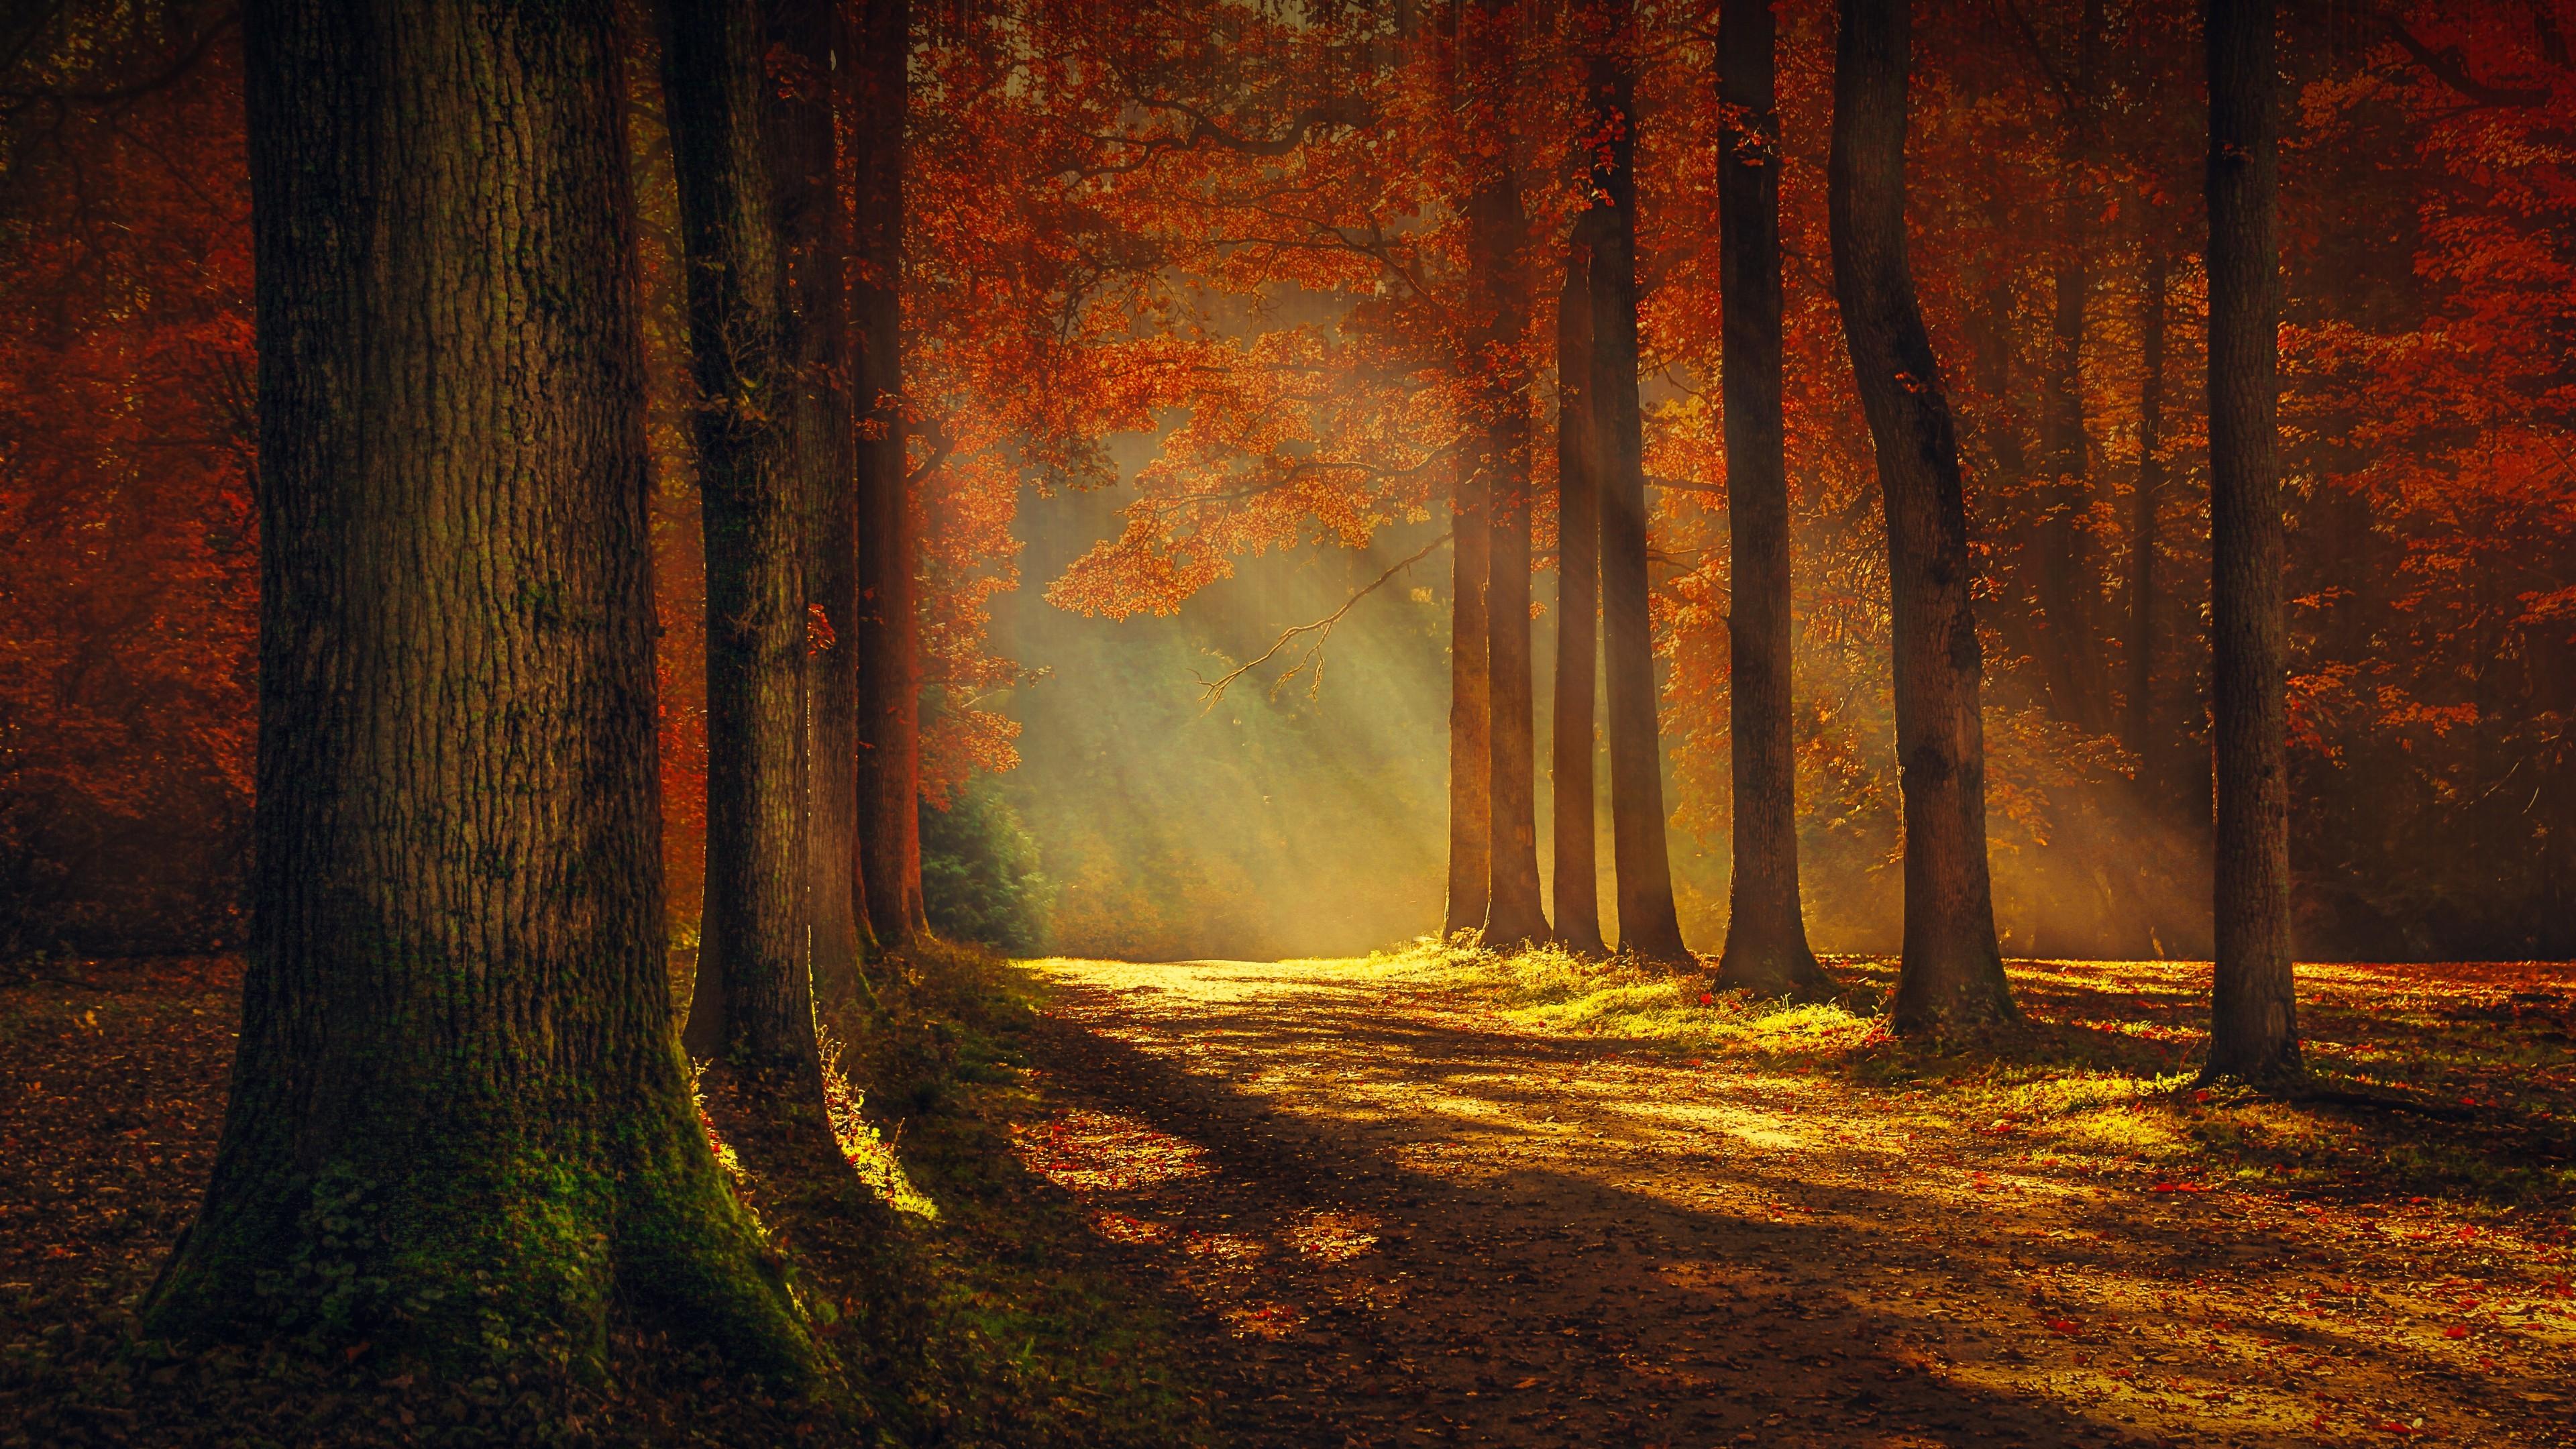 Sunlight through the autumn forest wallpaper